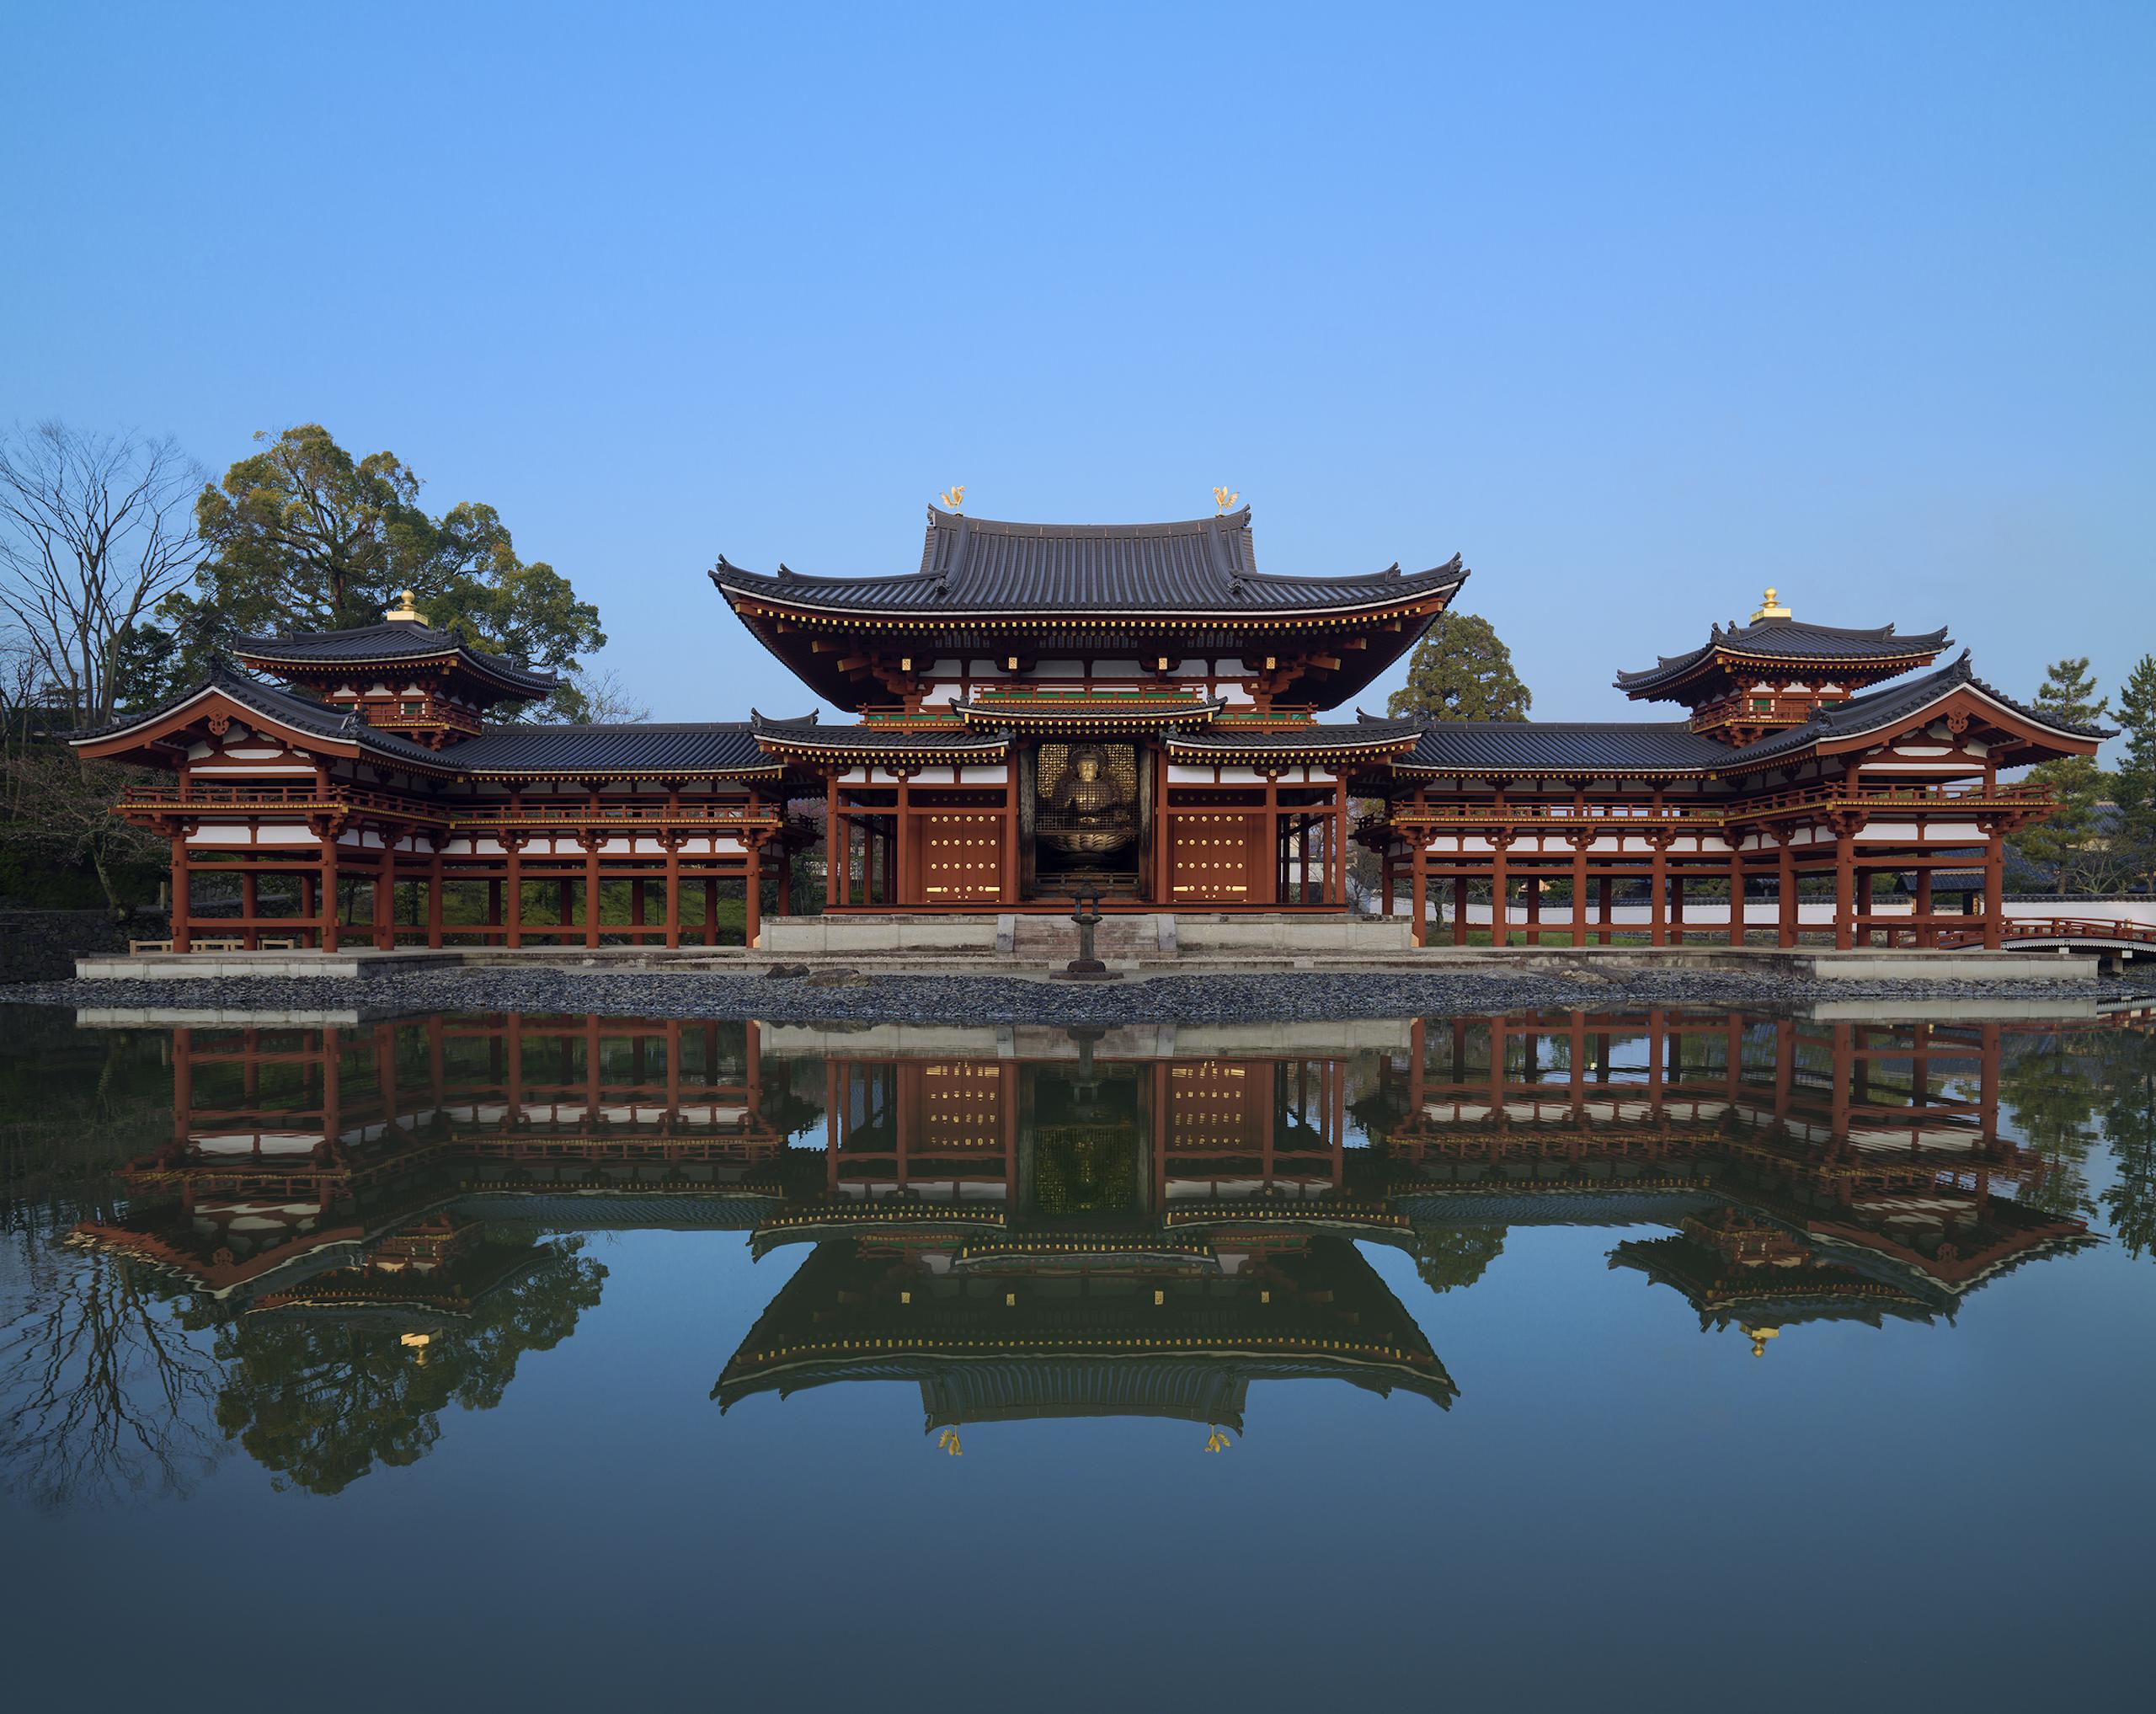 SEIJI SHIRONOハッセルブラッドのHシステム マルチショットで日本の歴史的遺産を後世へ継承する